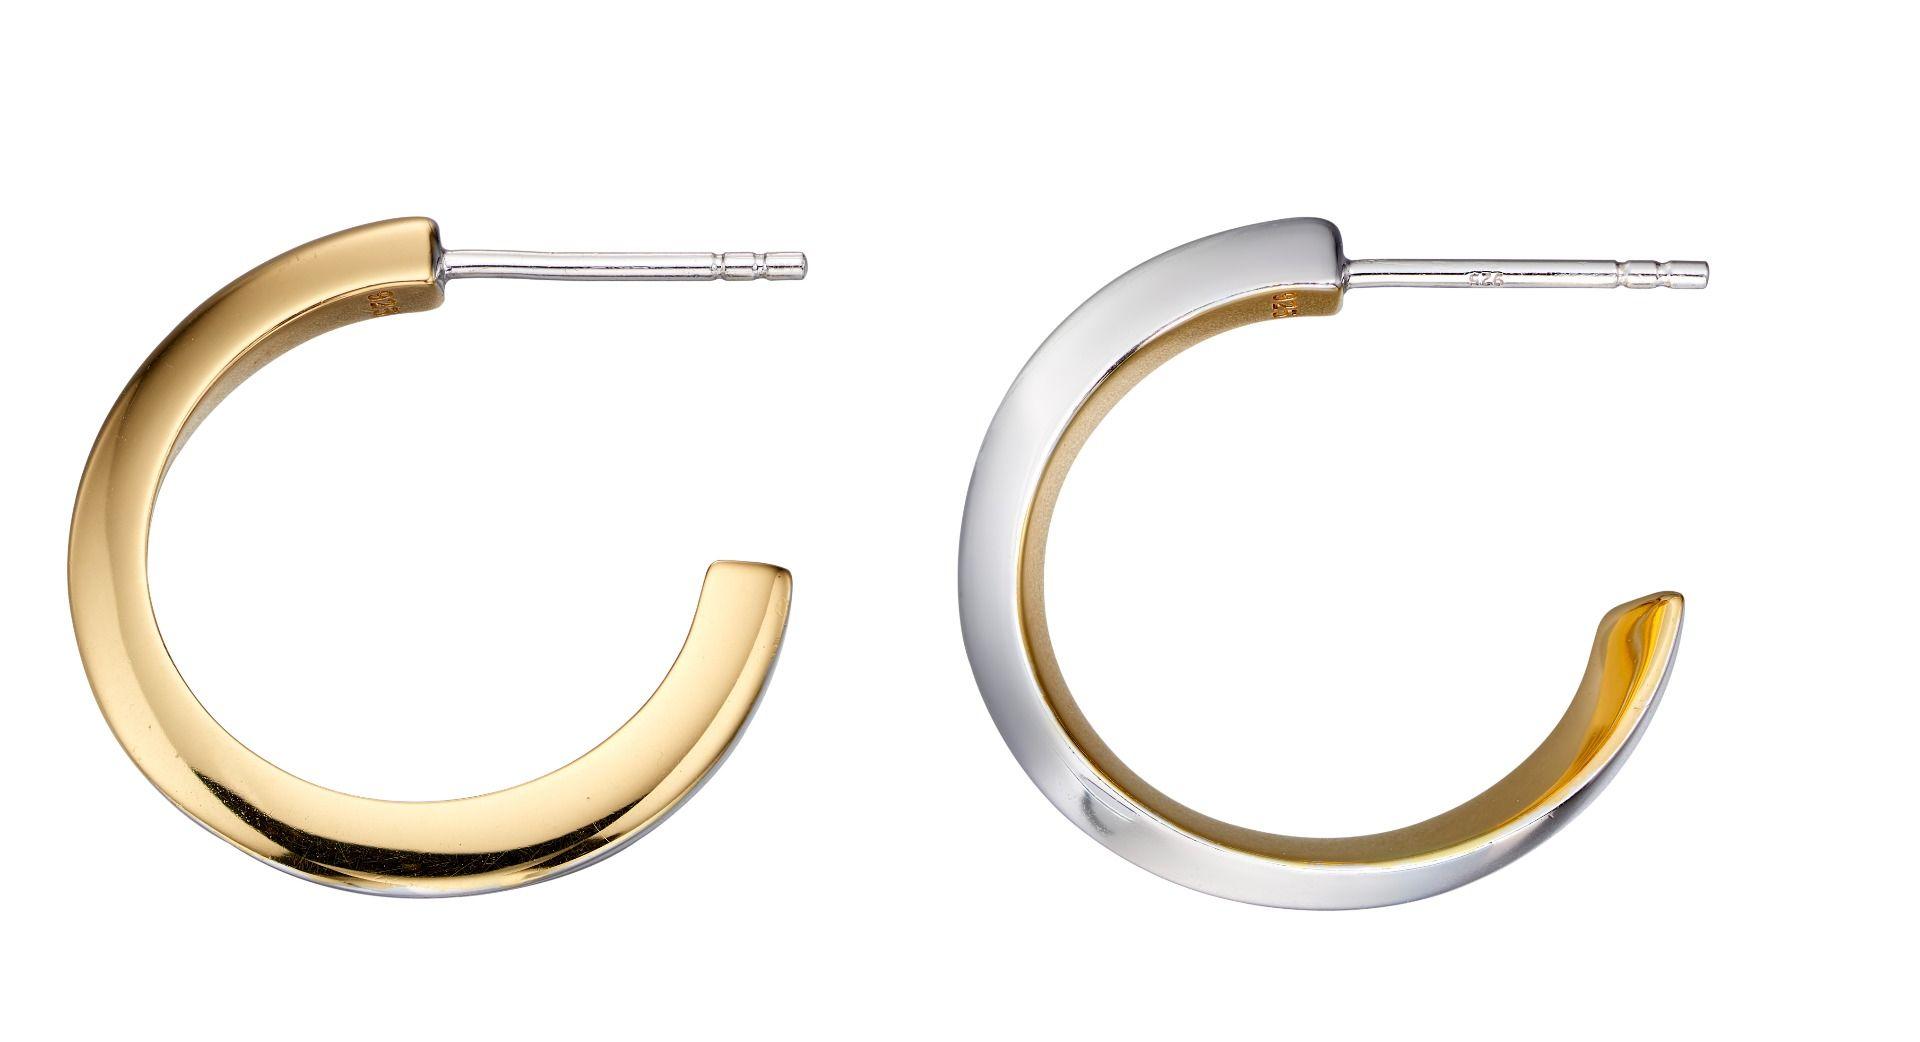 Fiorelli Silver Womens 925 Sterling Silver & Gold Plate Twist Half Hoop Earrings